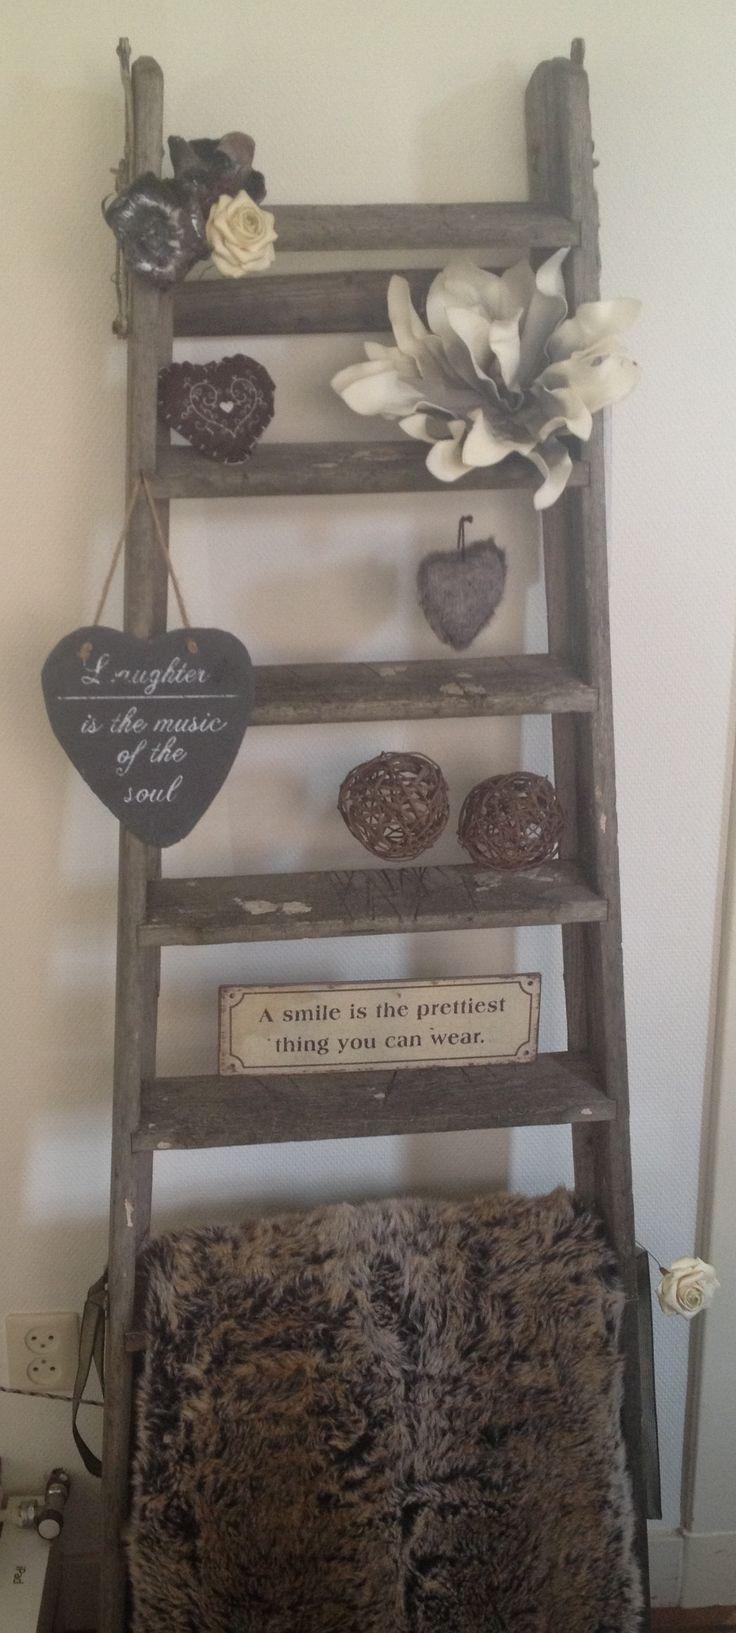 Een oude ladder gekocht bij een brocantewinkel en leuk 'aangekleed'.